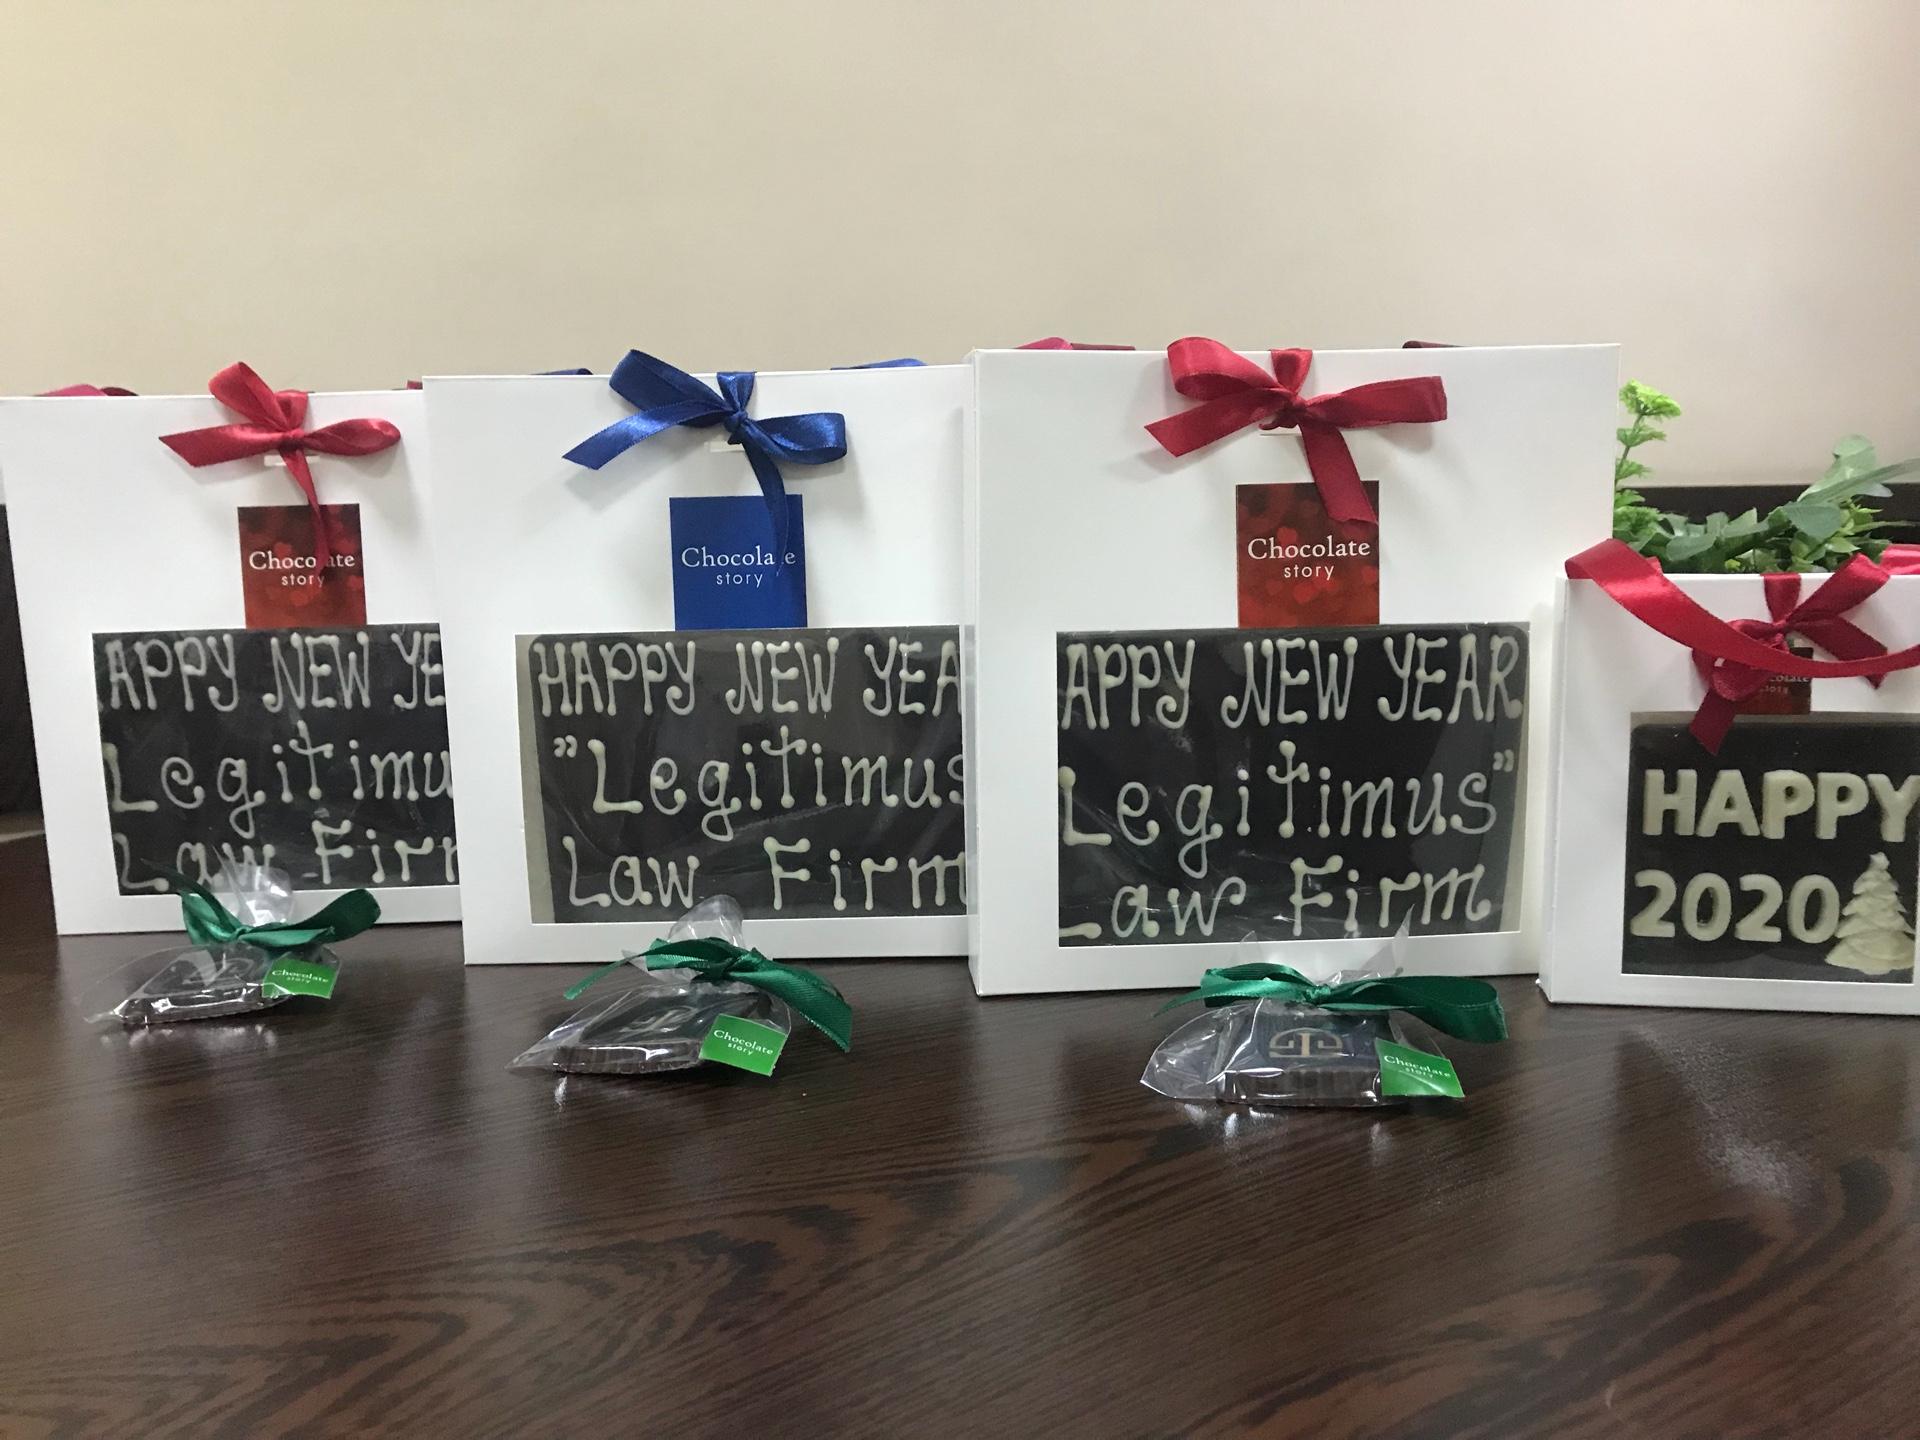 «Լեգիտիմուս» իրավաբանական ընկերությունը շնորհավորում է բոլորիդ Ամանորը և Սուրբ Ծնունդը